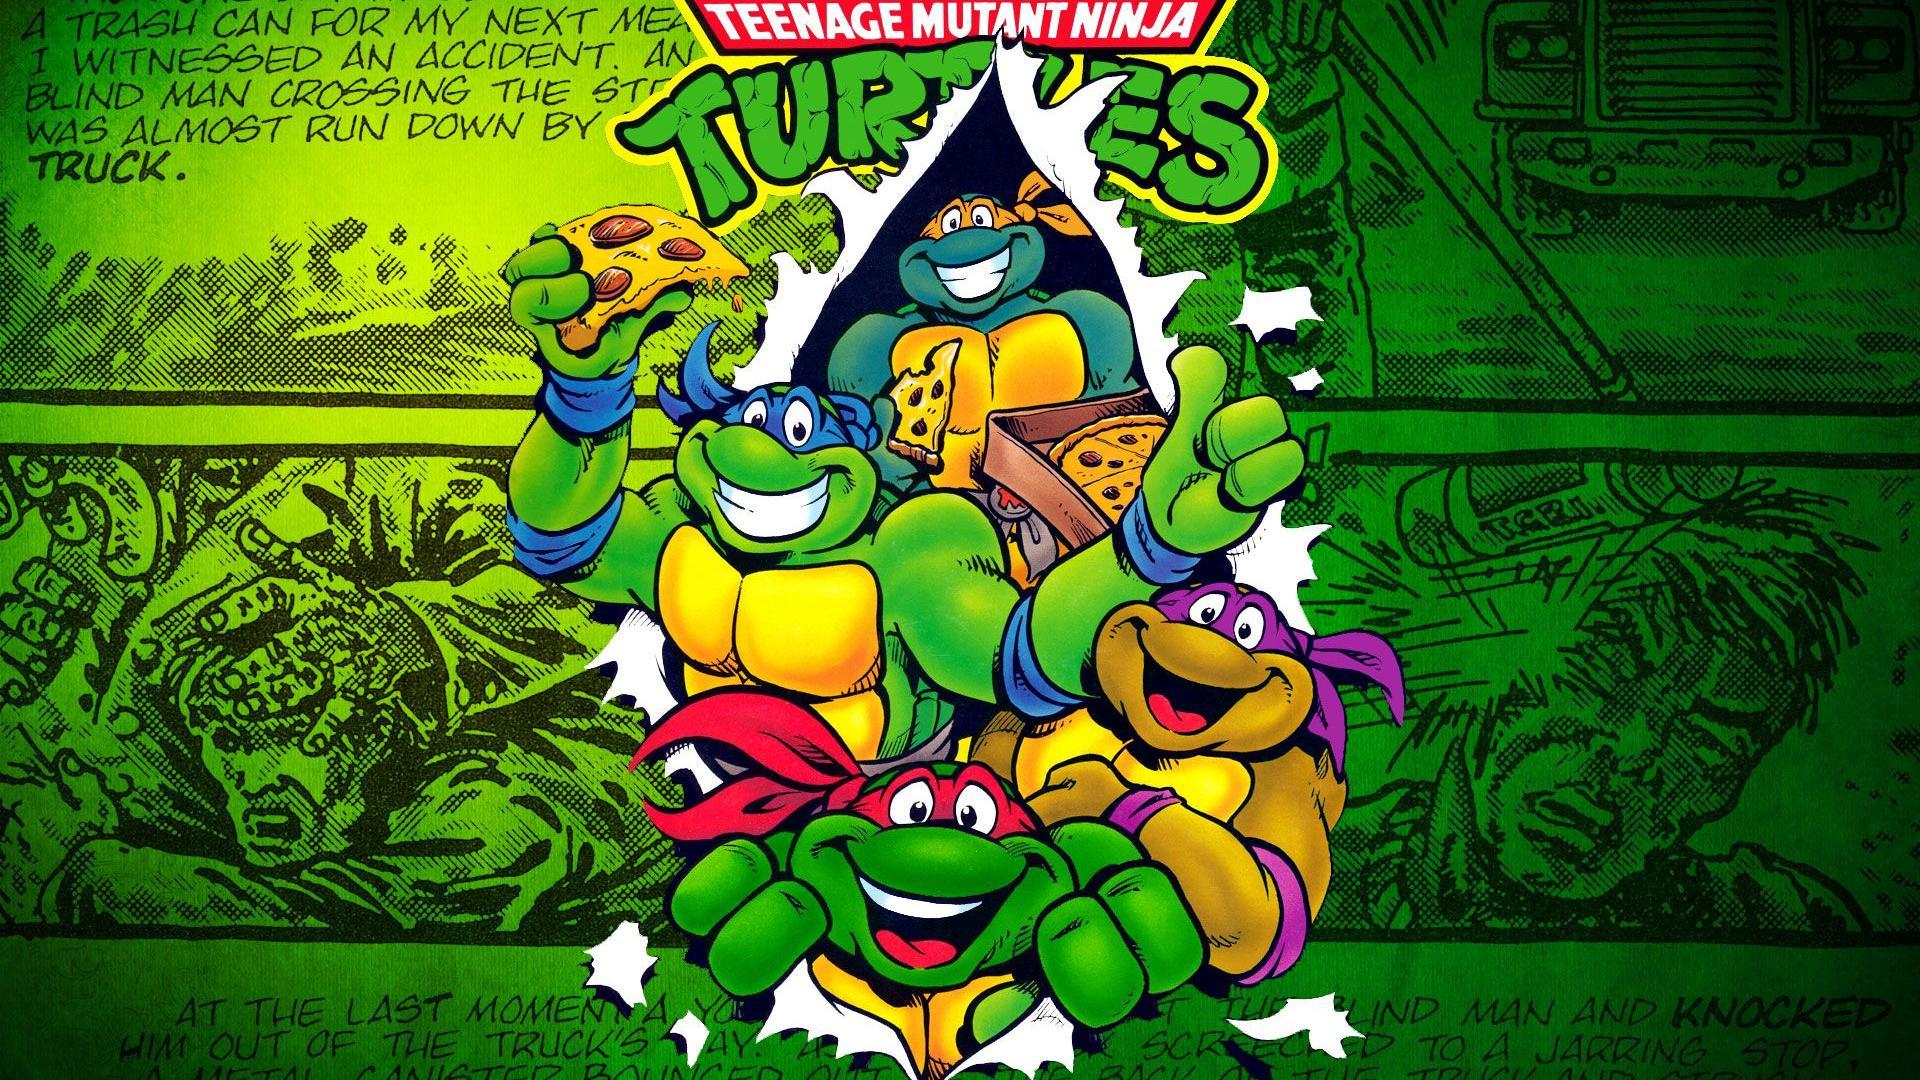 Teenage Mutant Ninja Turtle Invitations is good invitation sample